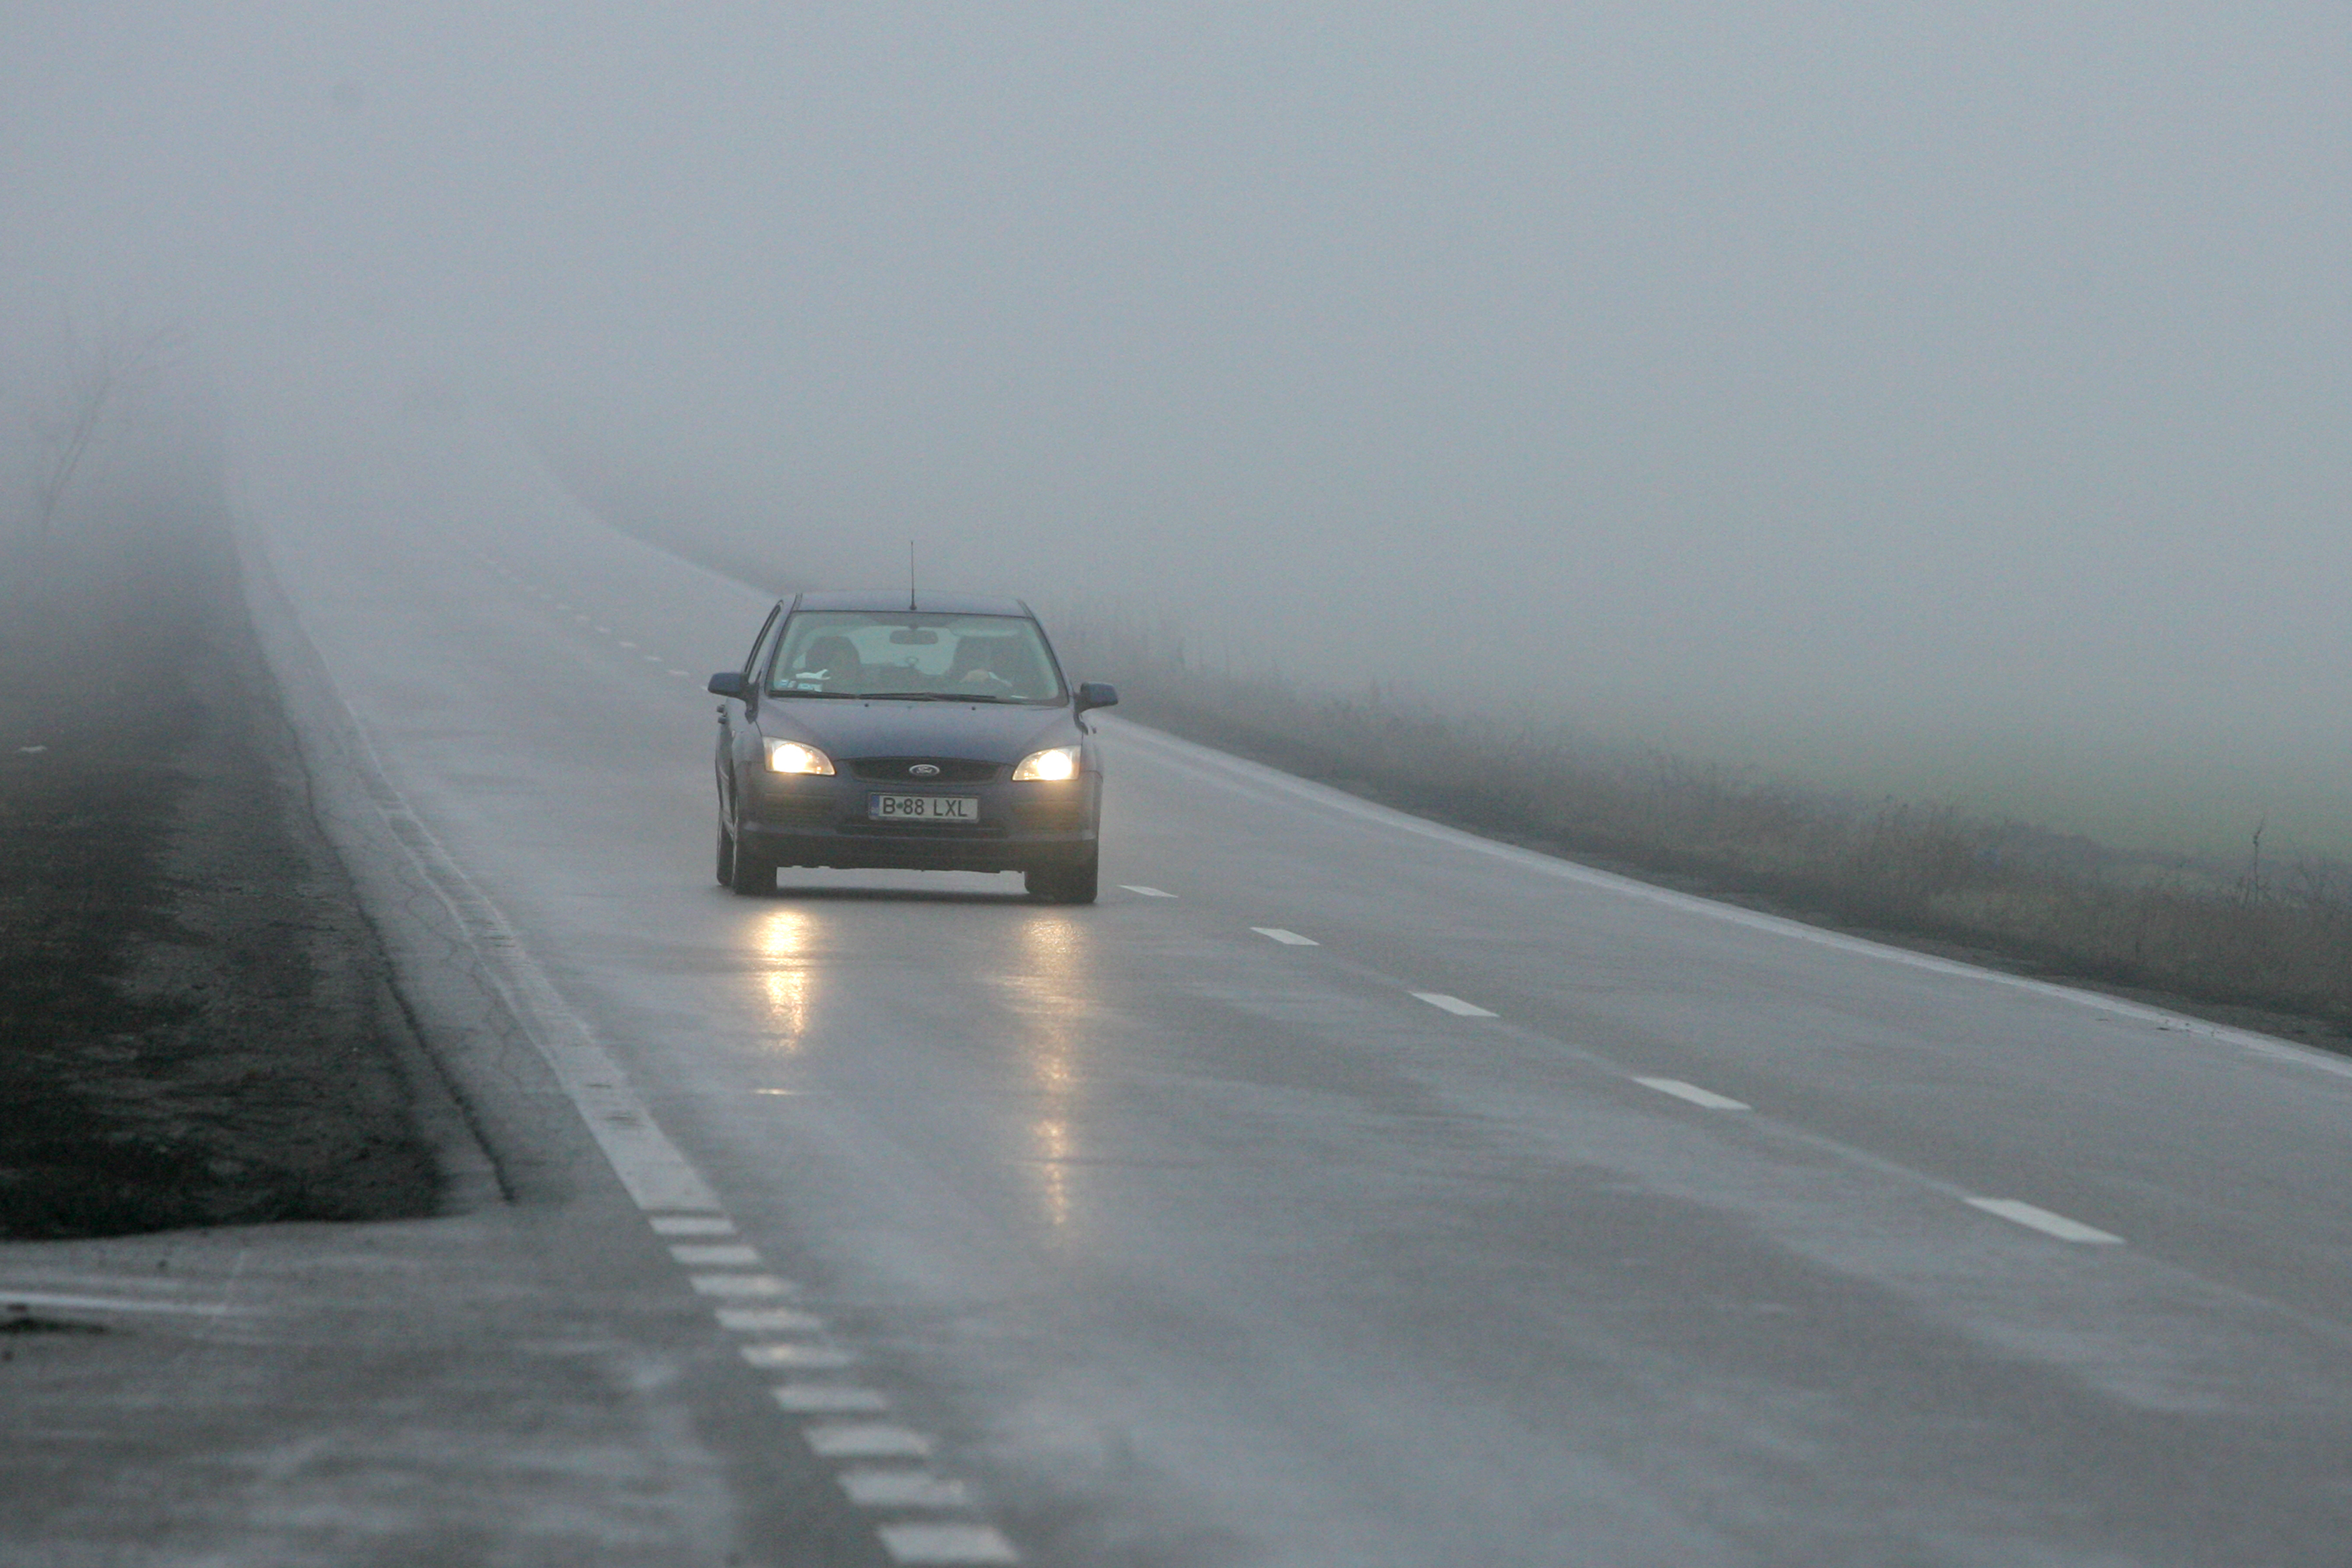 ALERTĂ ANM: Cod galben de vânt, ceaţă şi ploi în mai multe judeţe